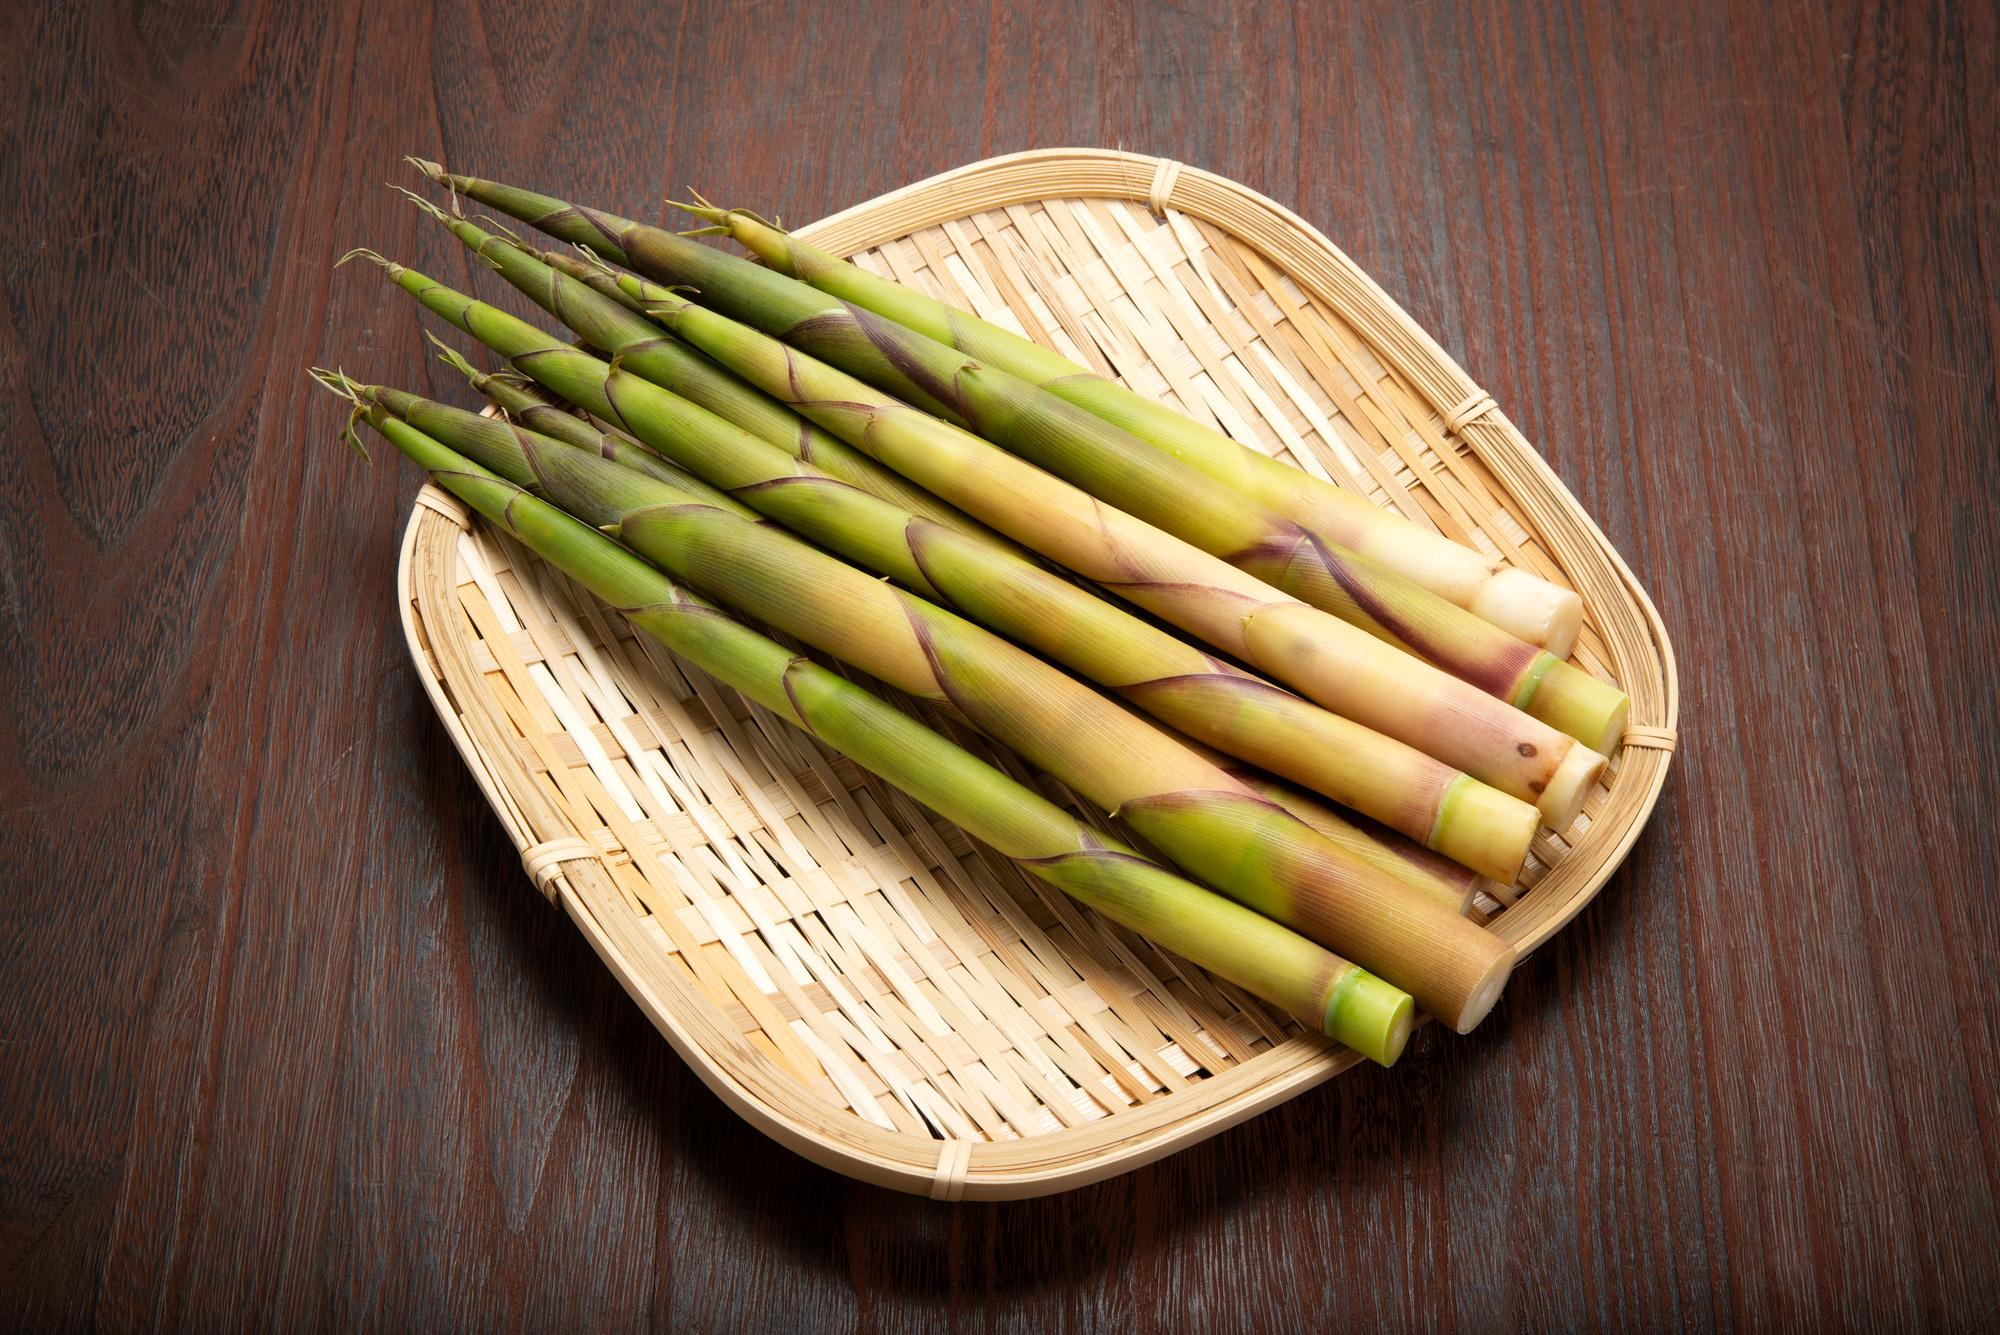 天然山菜根曲がり竹について